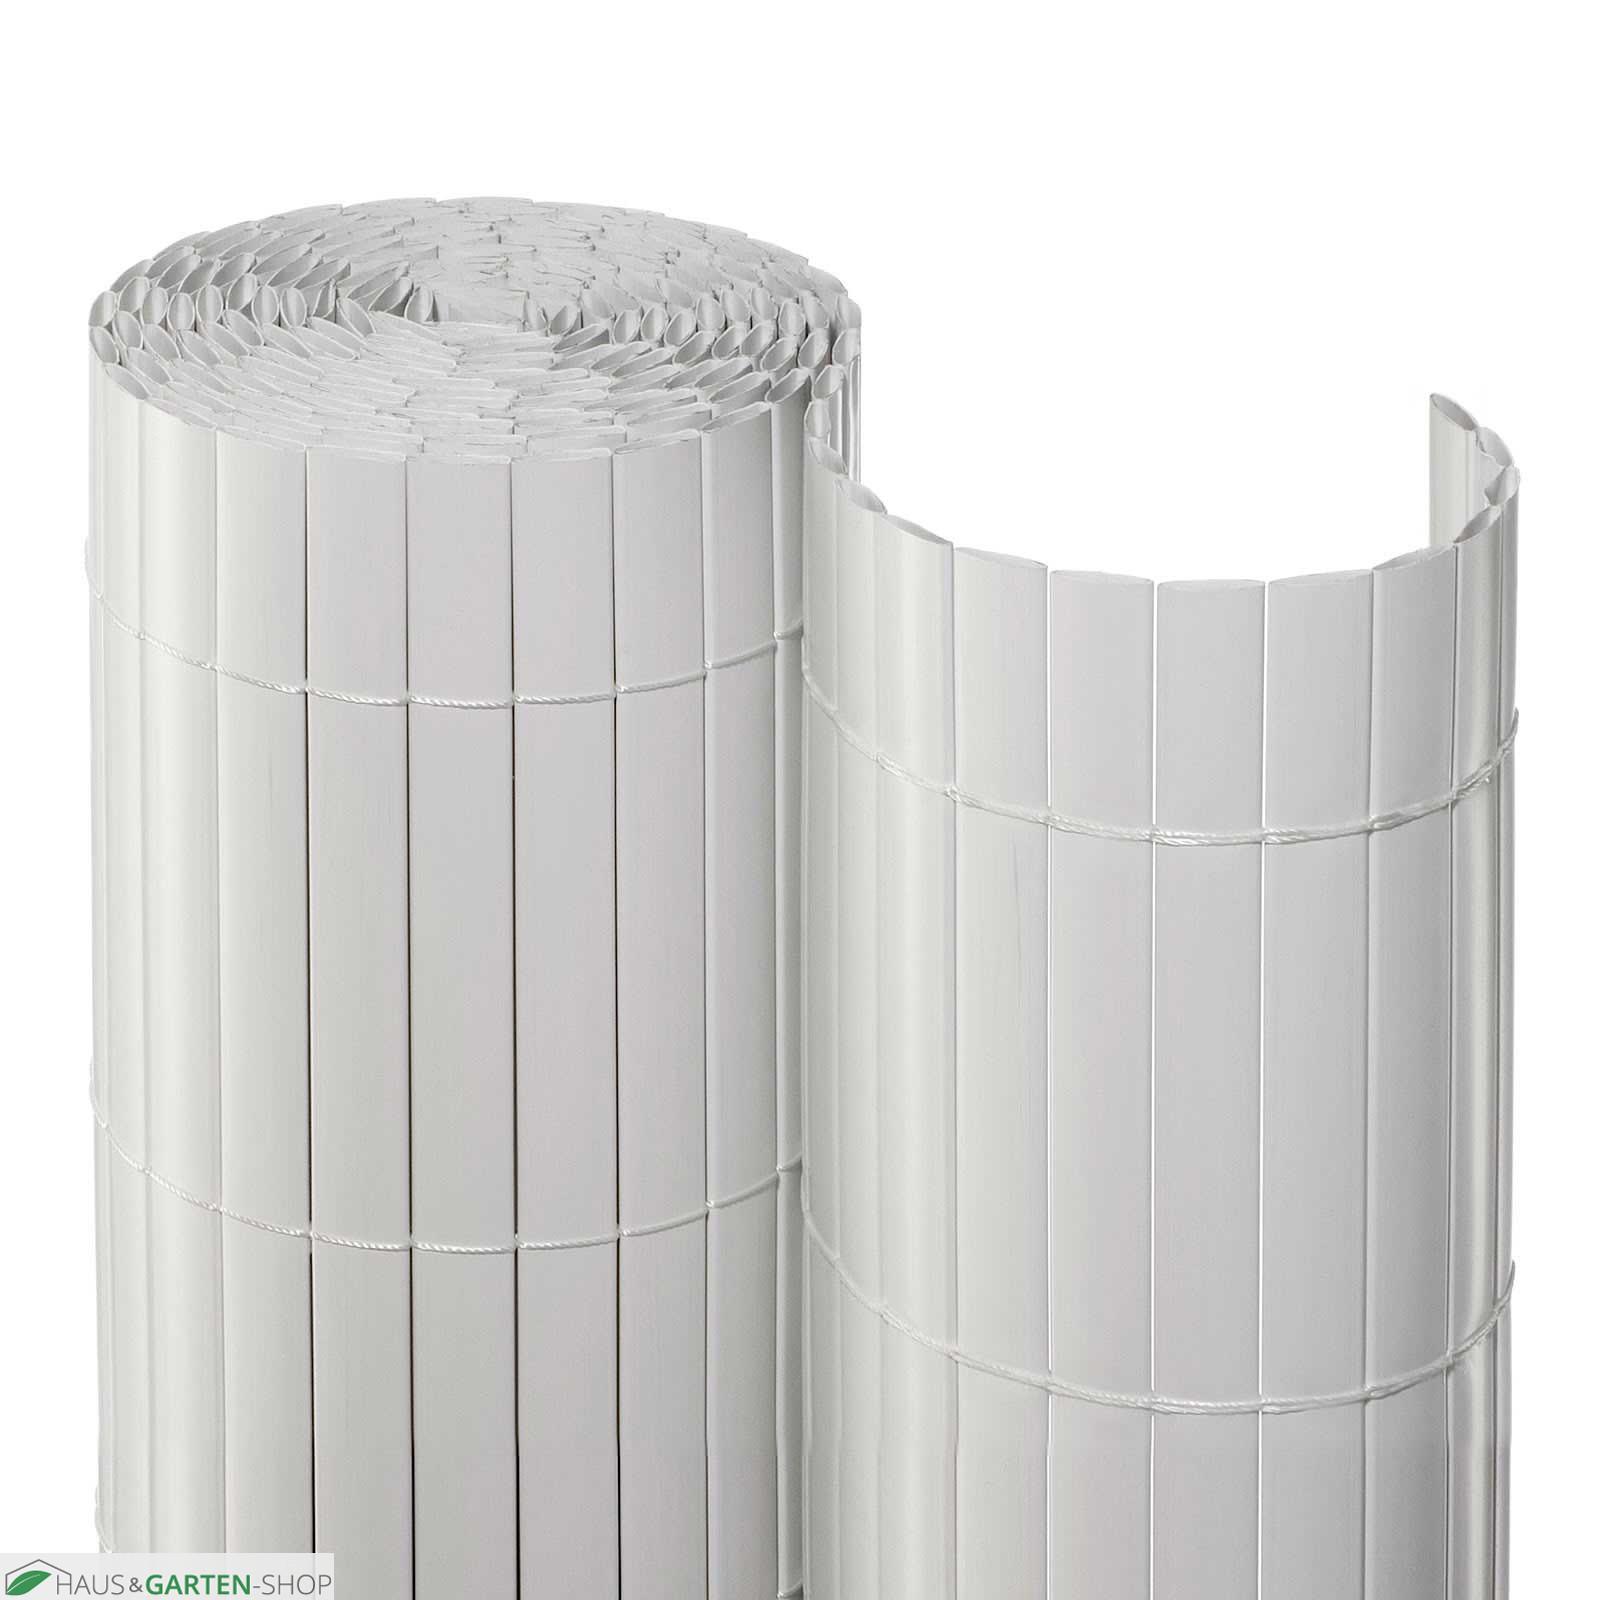 Balkonsichtschutzmatte Rolle Pvc In Weiss Aus Kunststoff